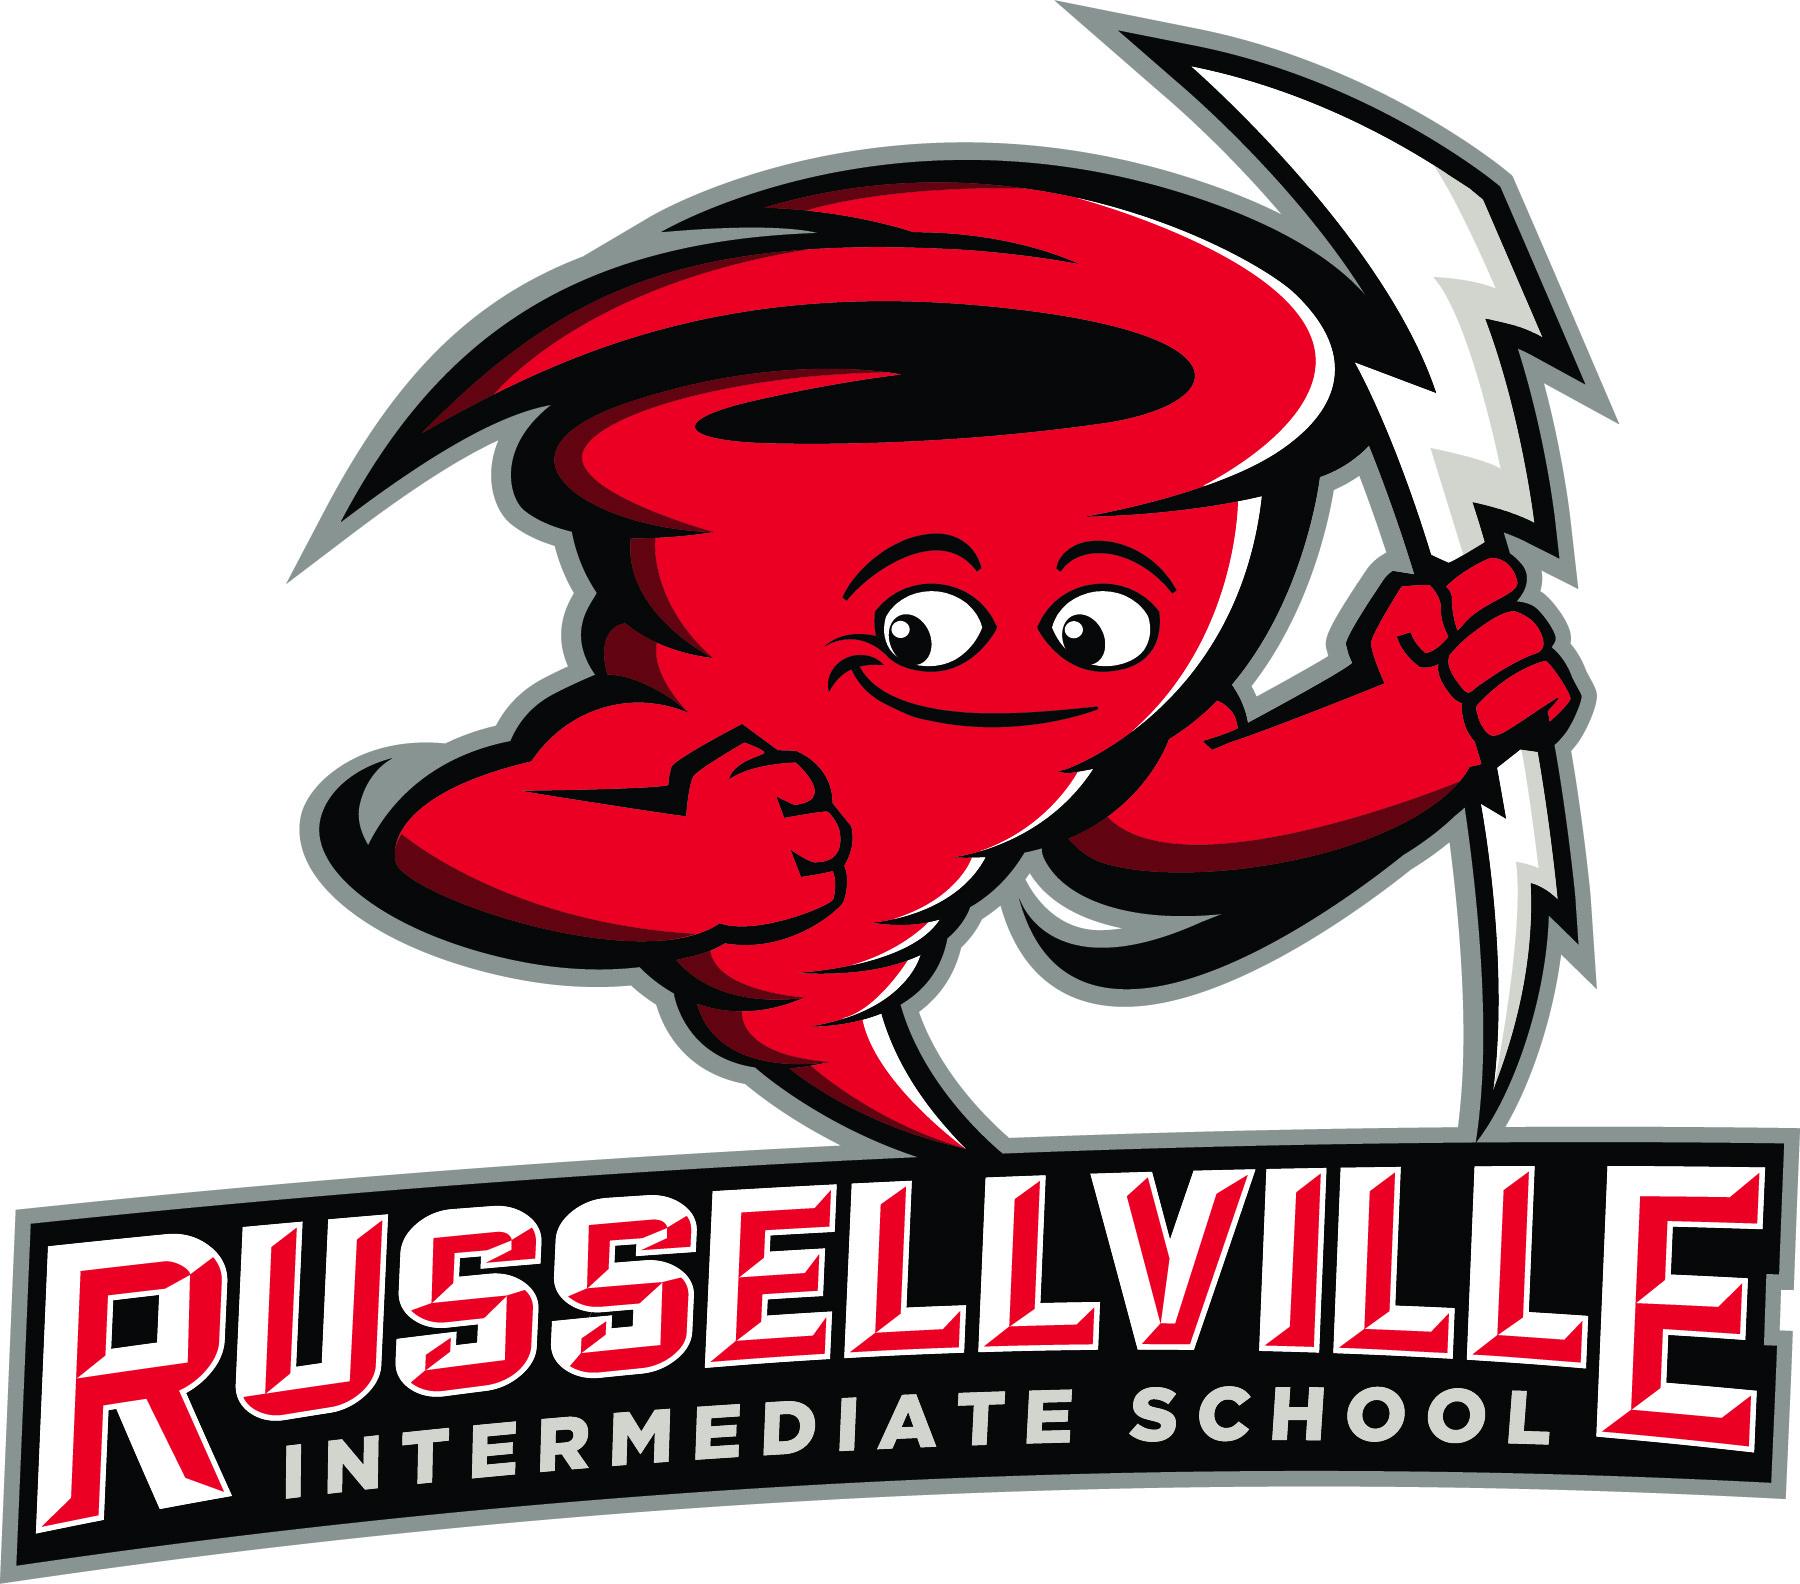 Russellville Intermediate School